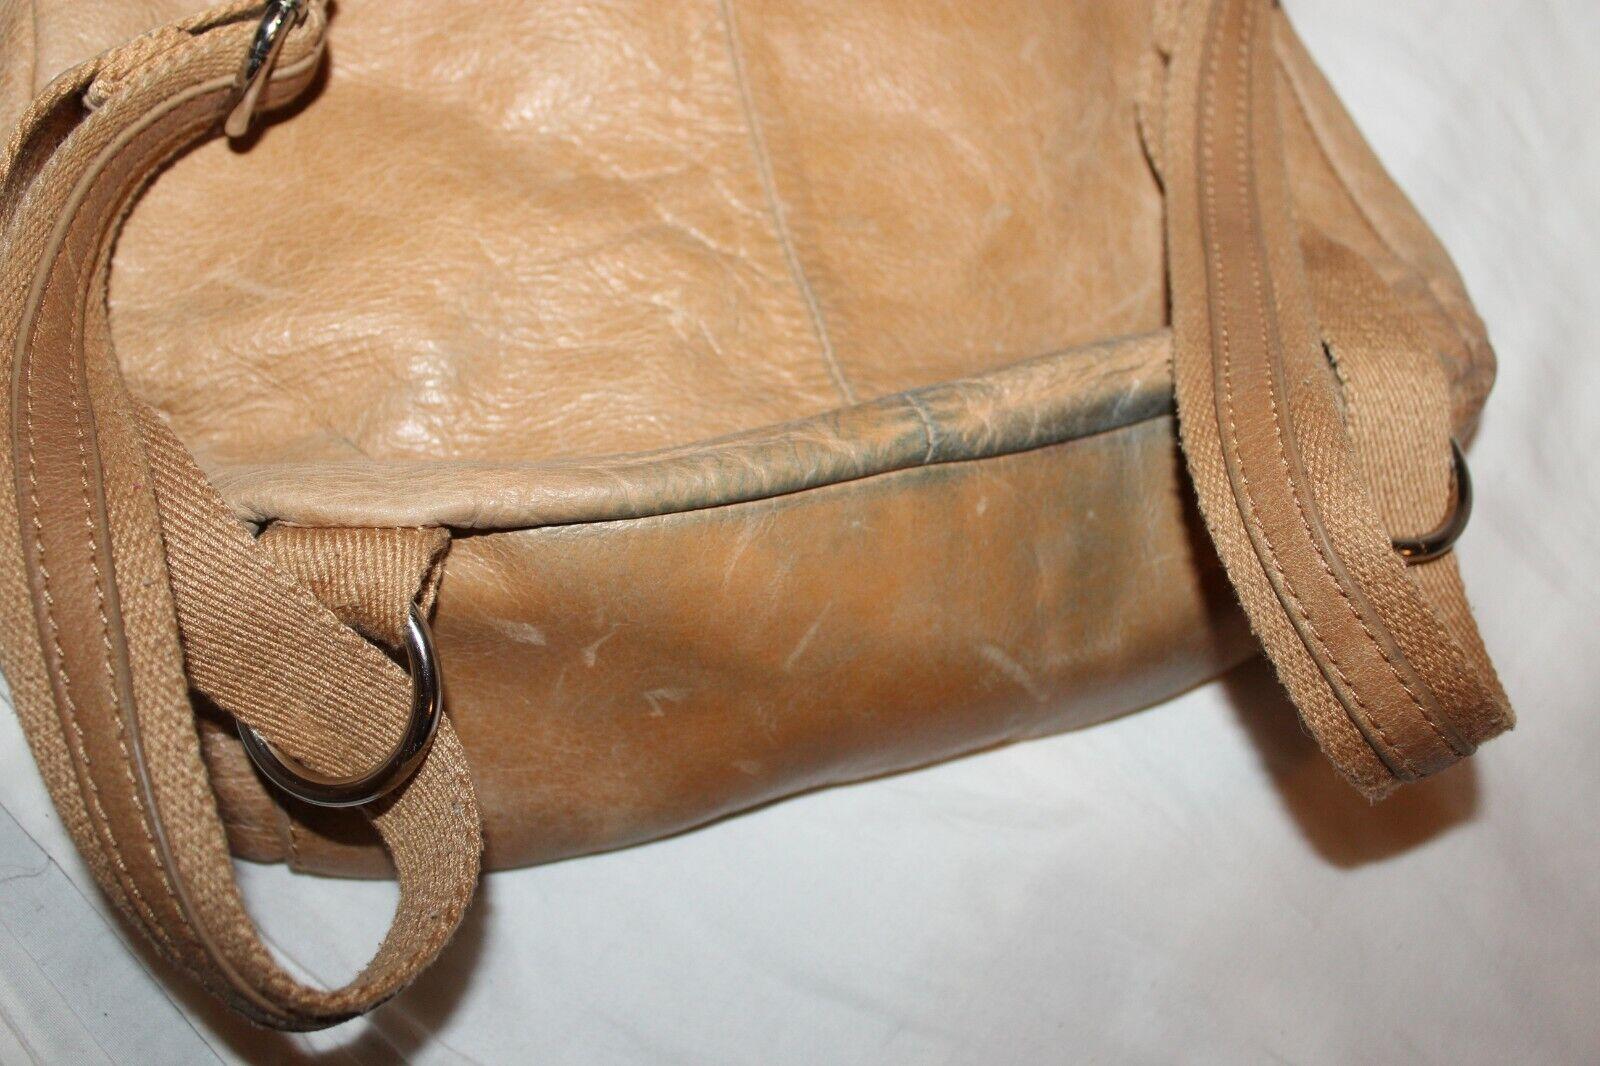 The Sak Brown Leather Backpack Bag Handbag Purse Satchel Hobo 10x13